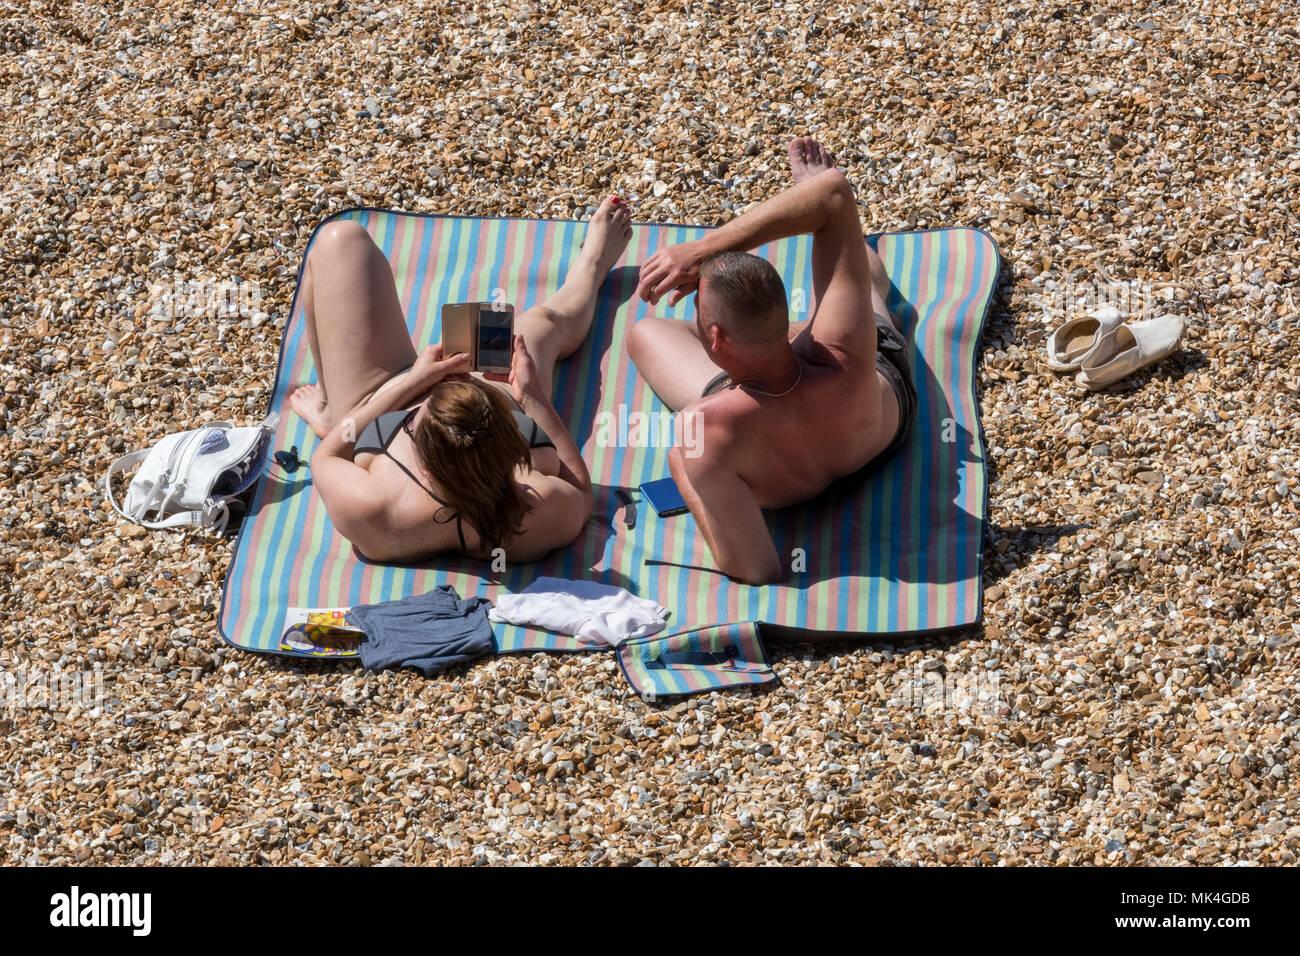 Un hombre y una mujer pareja guijarro o acostado en una playa de guijarros en el sol tomando el sol sobre una toalla stripey. Bañistas exponer su piel a los rayos UV. Imagen De Stock